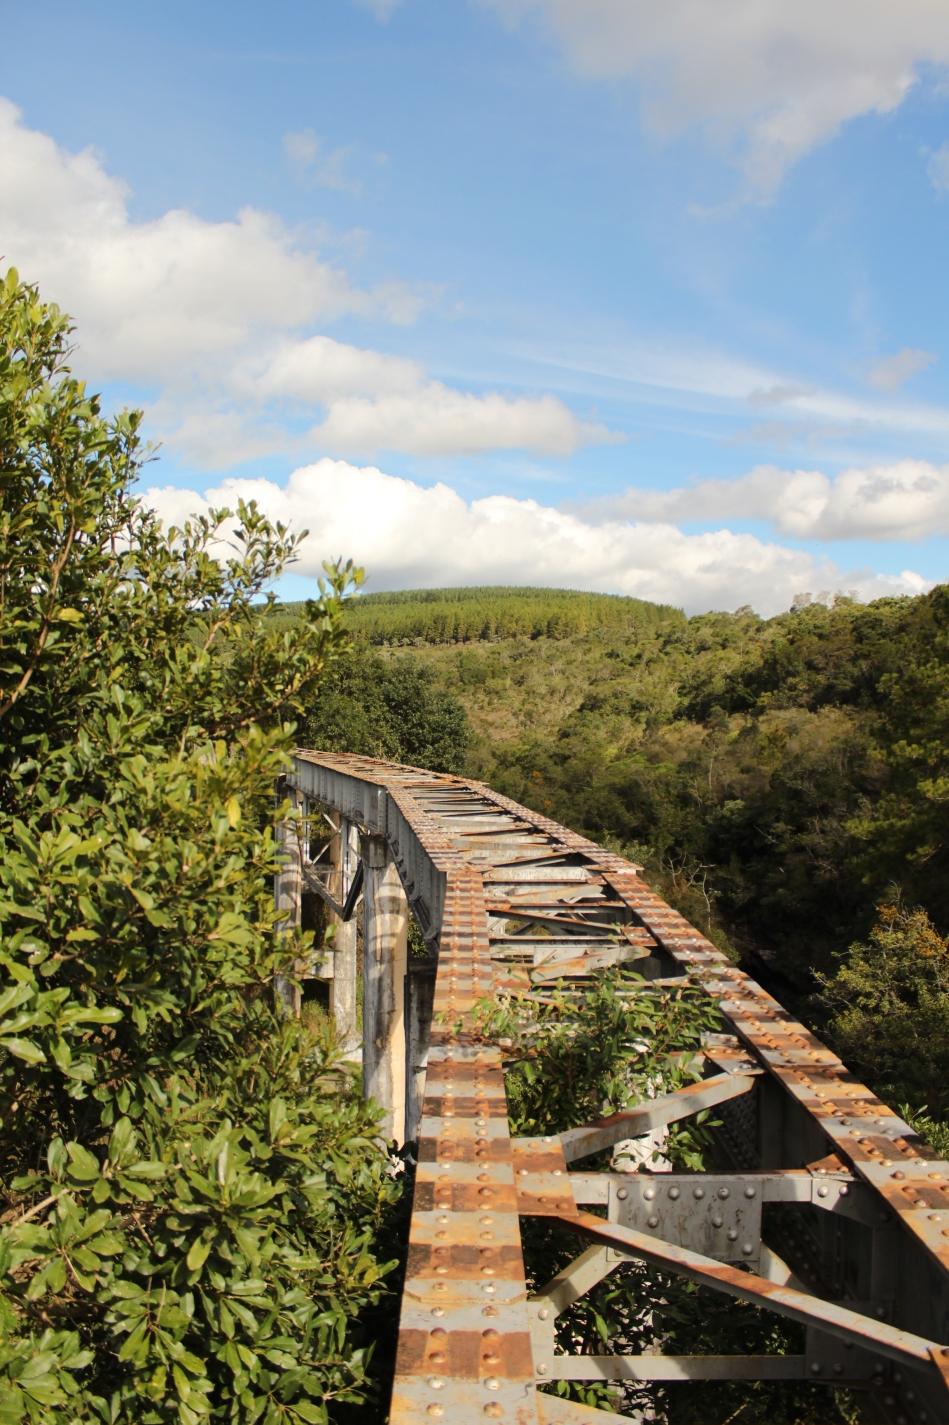 trilho do trem_vale do Itarare_barreira